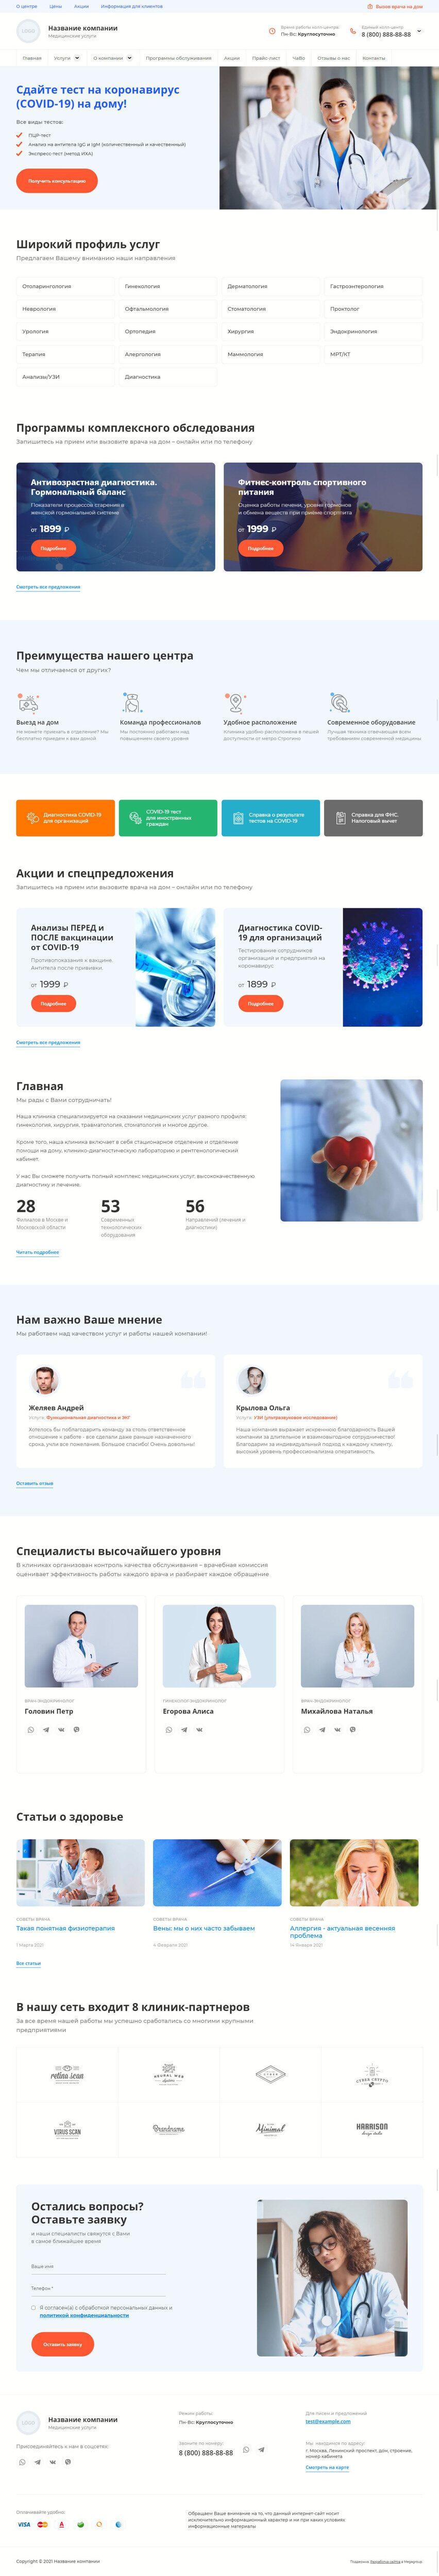 Готовый Сайт-Бизнес #3031299 - Многопрофильный медицинский центр (Главная)